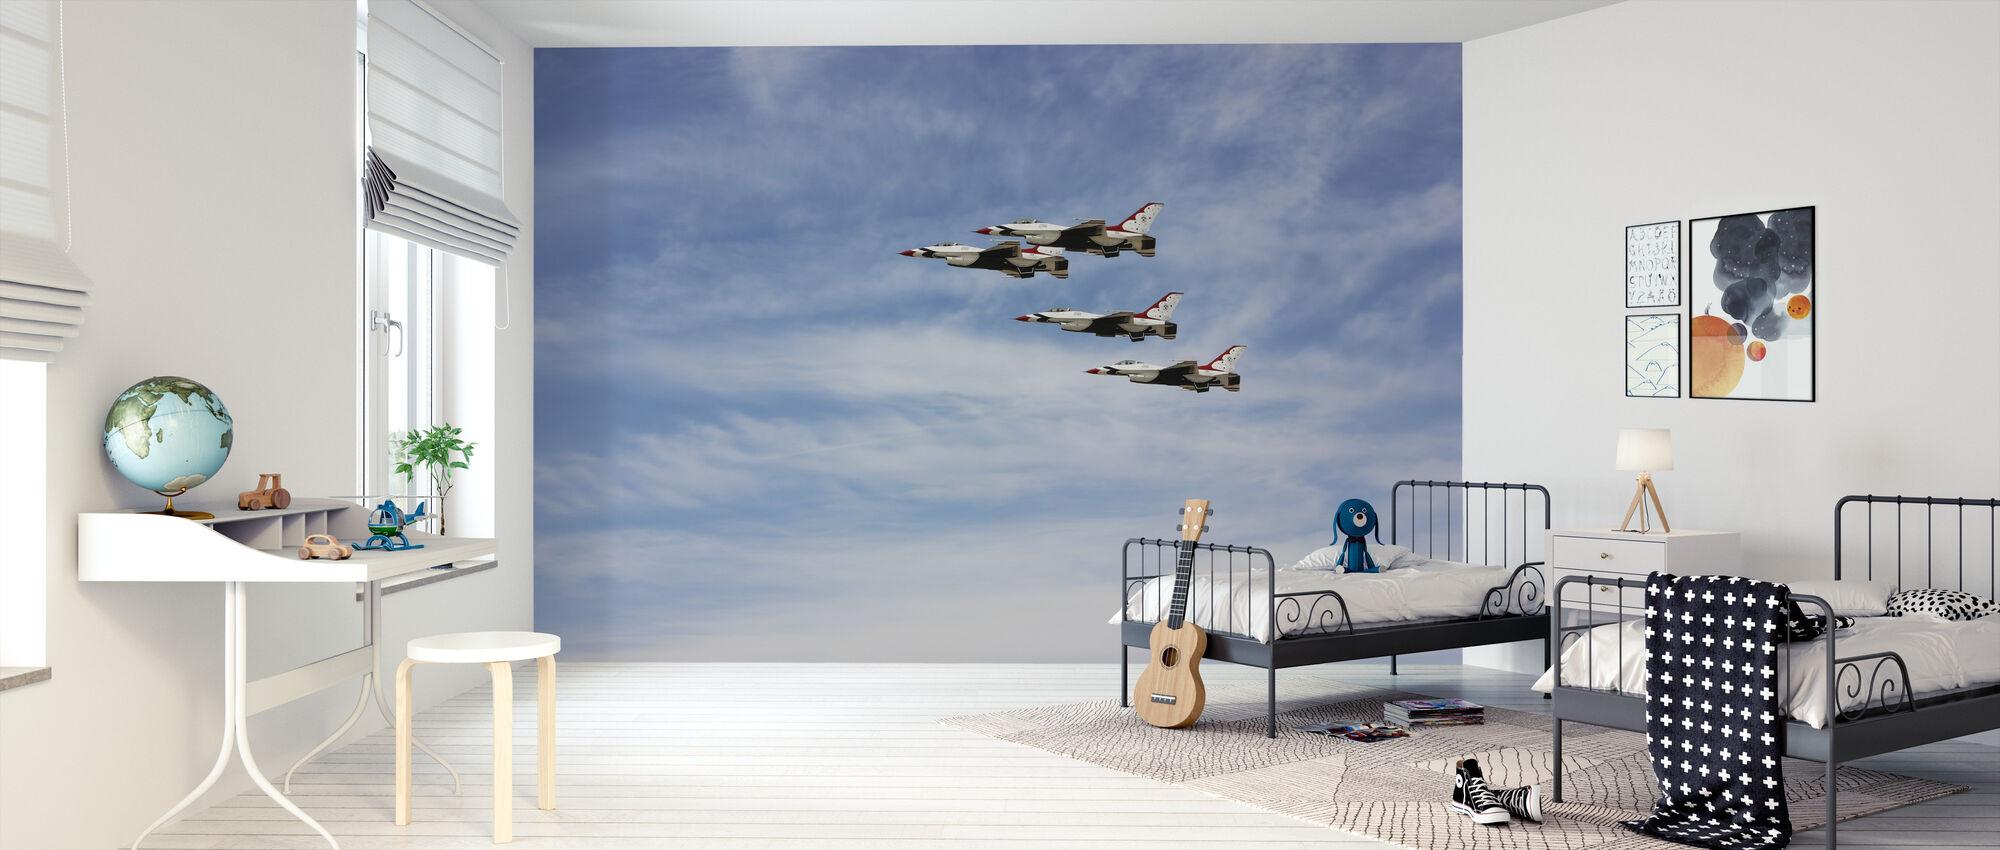 Jet Fighter Formation - Wallpaper - Kids Room